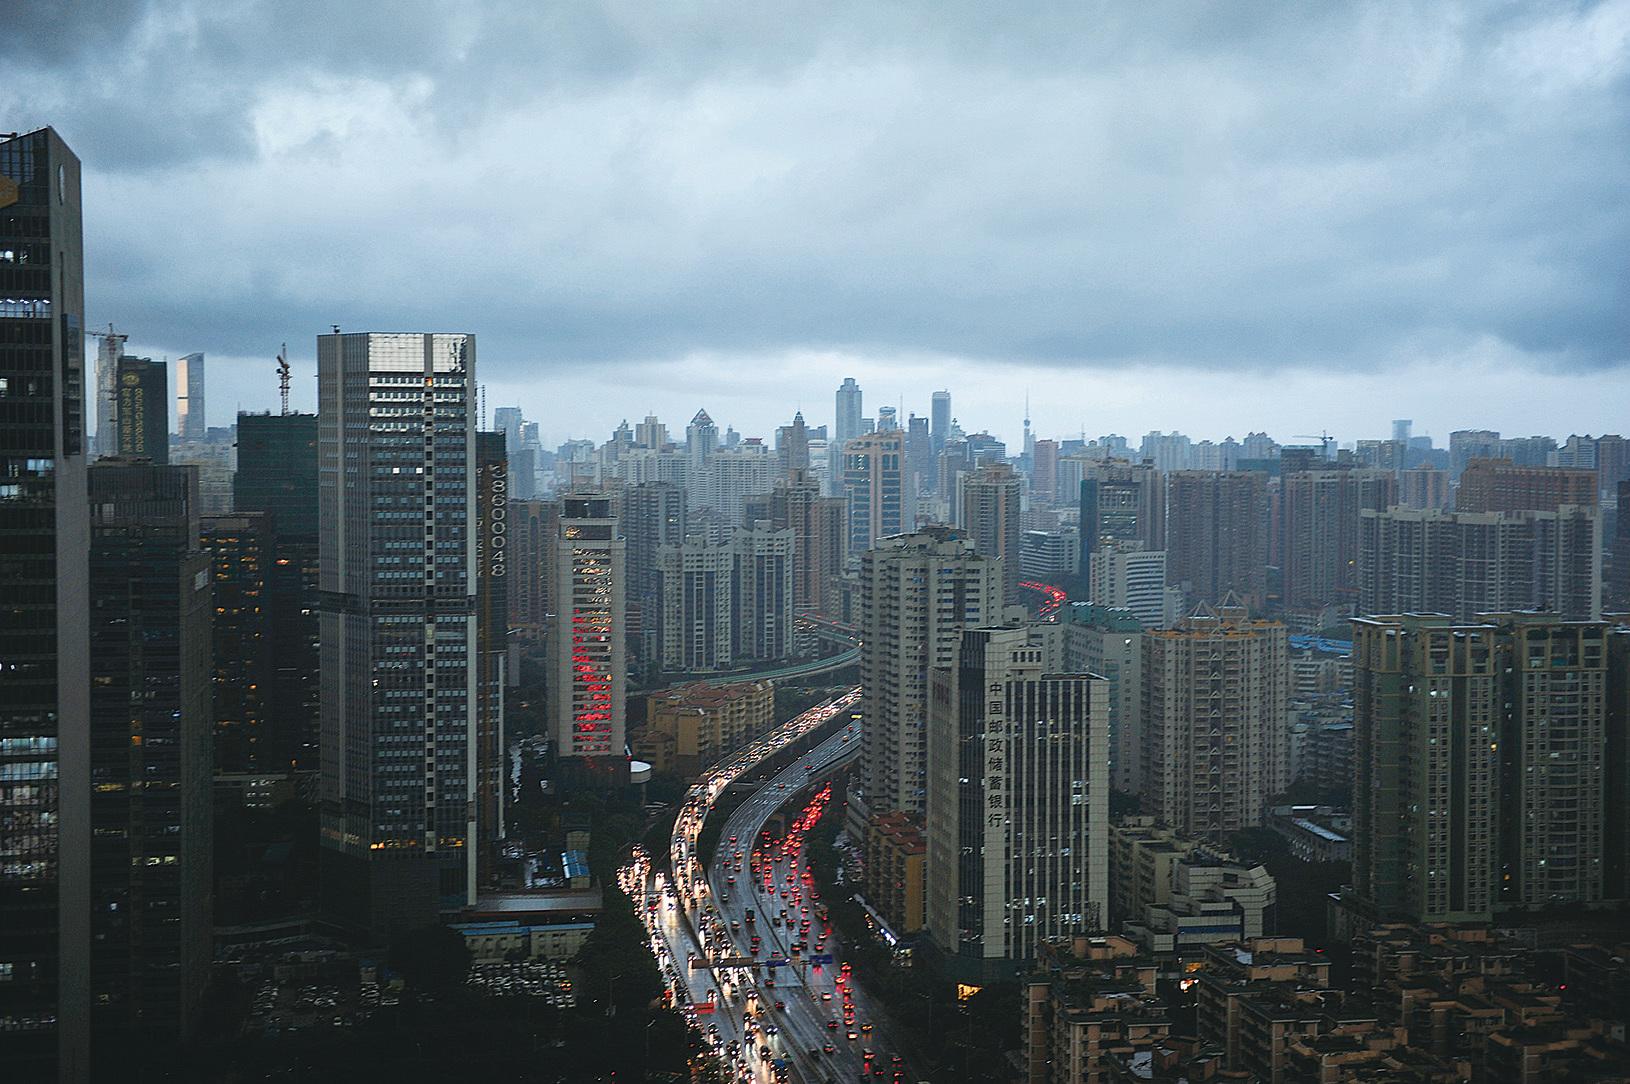 中國經濟明年最大風險是甚麼?房地產!房地產!還是房地產!(Getty Images)